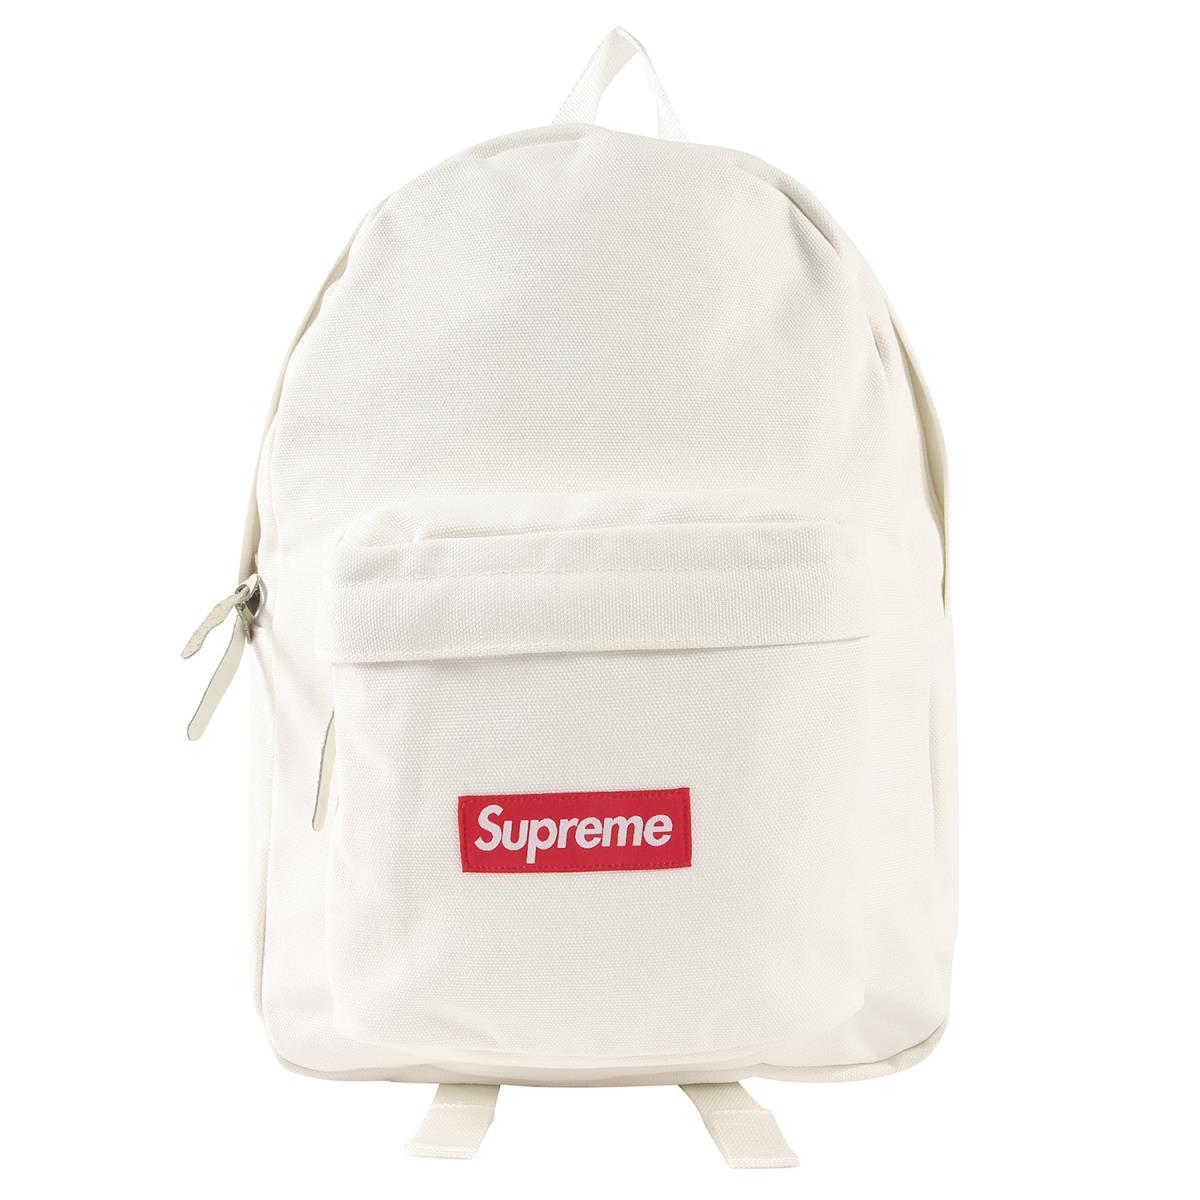 無料発送 Supreme シュプリーム バックパック 20AW キャンバス バックパック Canvas Backpack ホワイト 【メンズ】【K2876】, 車椅子シルバーカー卸センター 988d55fd